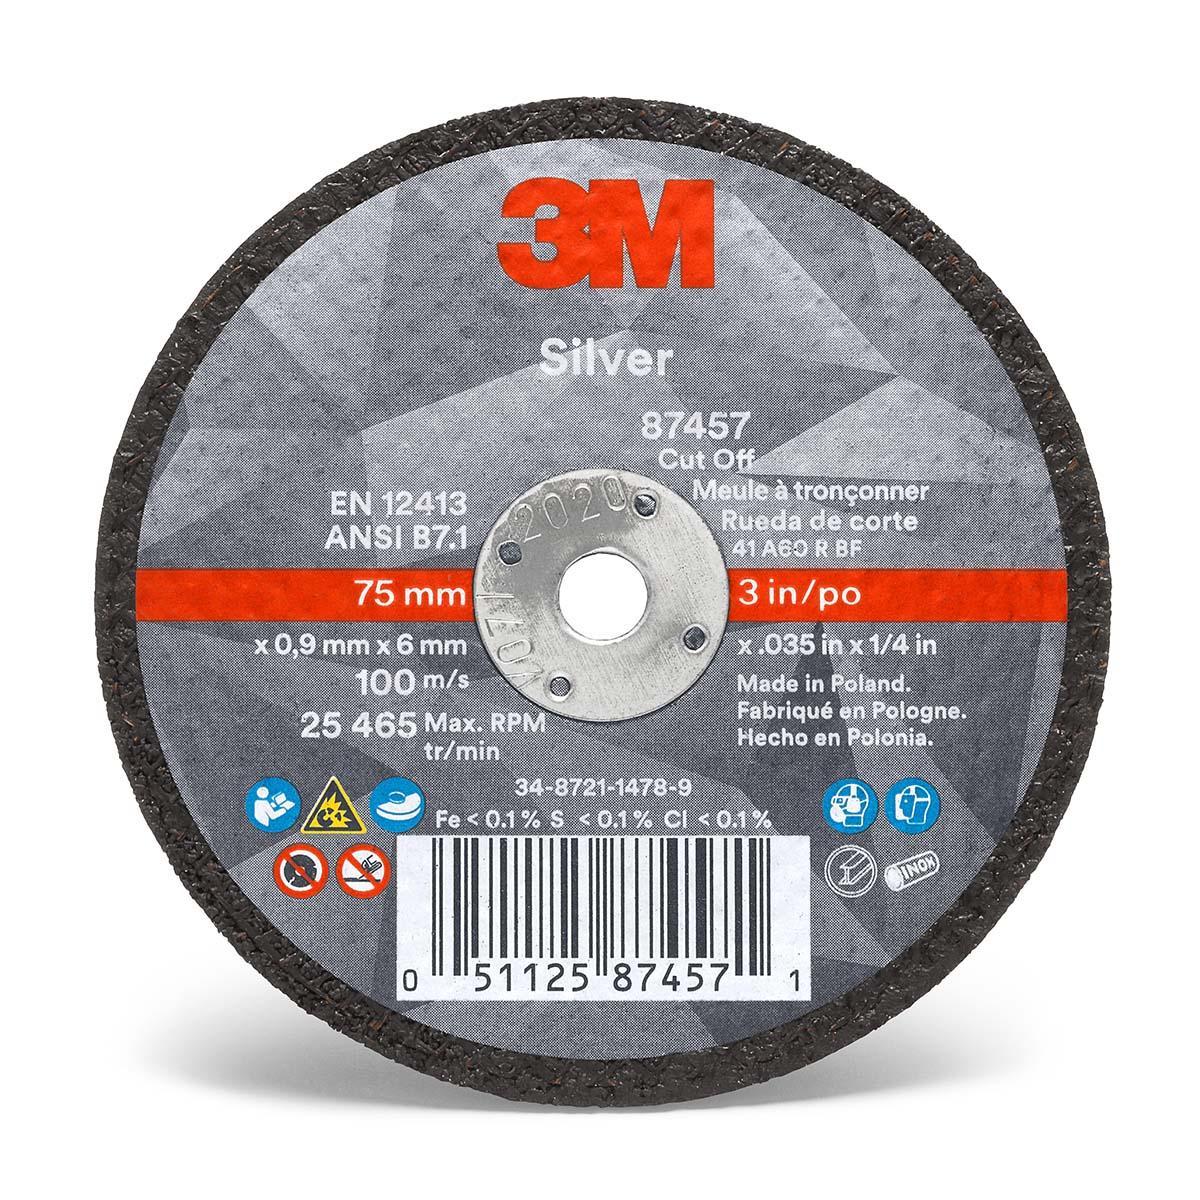 3M Silver Cut-Off Wheel 87457  T1  3 in x .035 in x 1/4 in